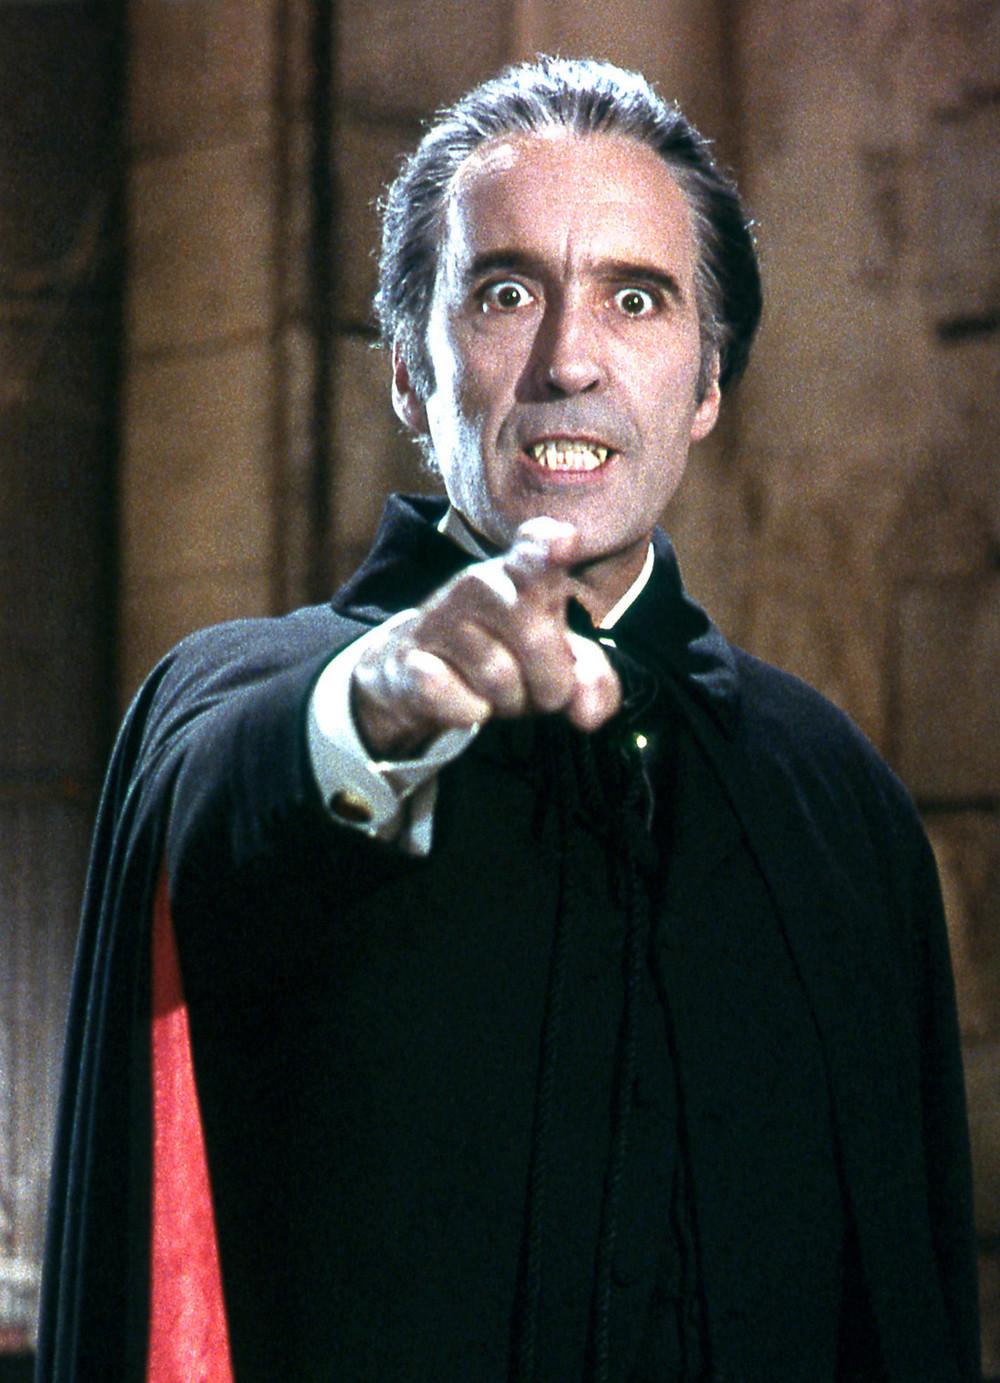 Lee as Dracula